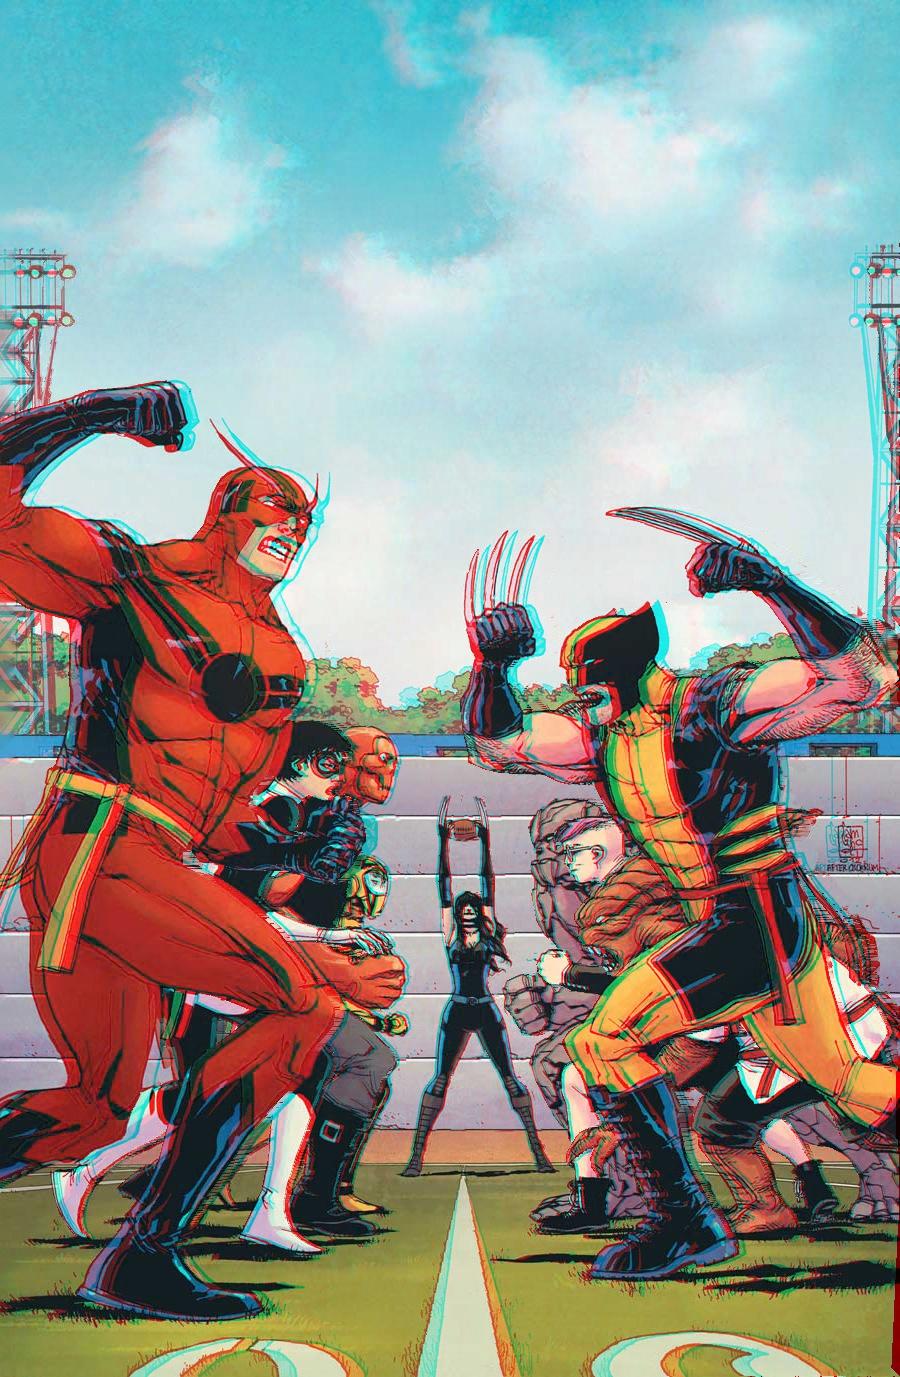 avengers_academy_3d_anaglyph_by_xmancyclops-d5dg8yp dans 3D